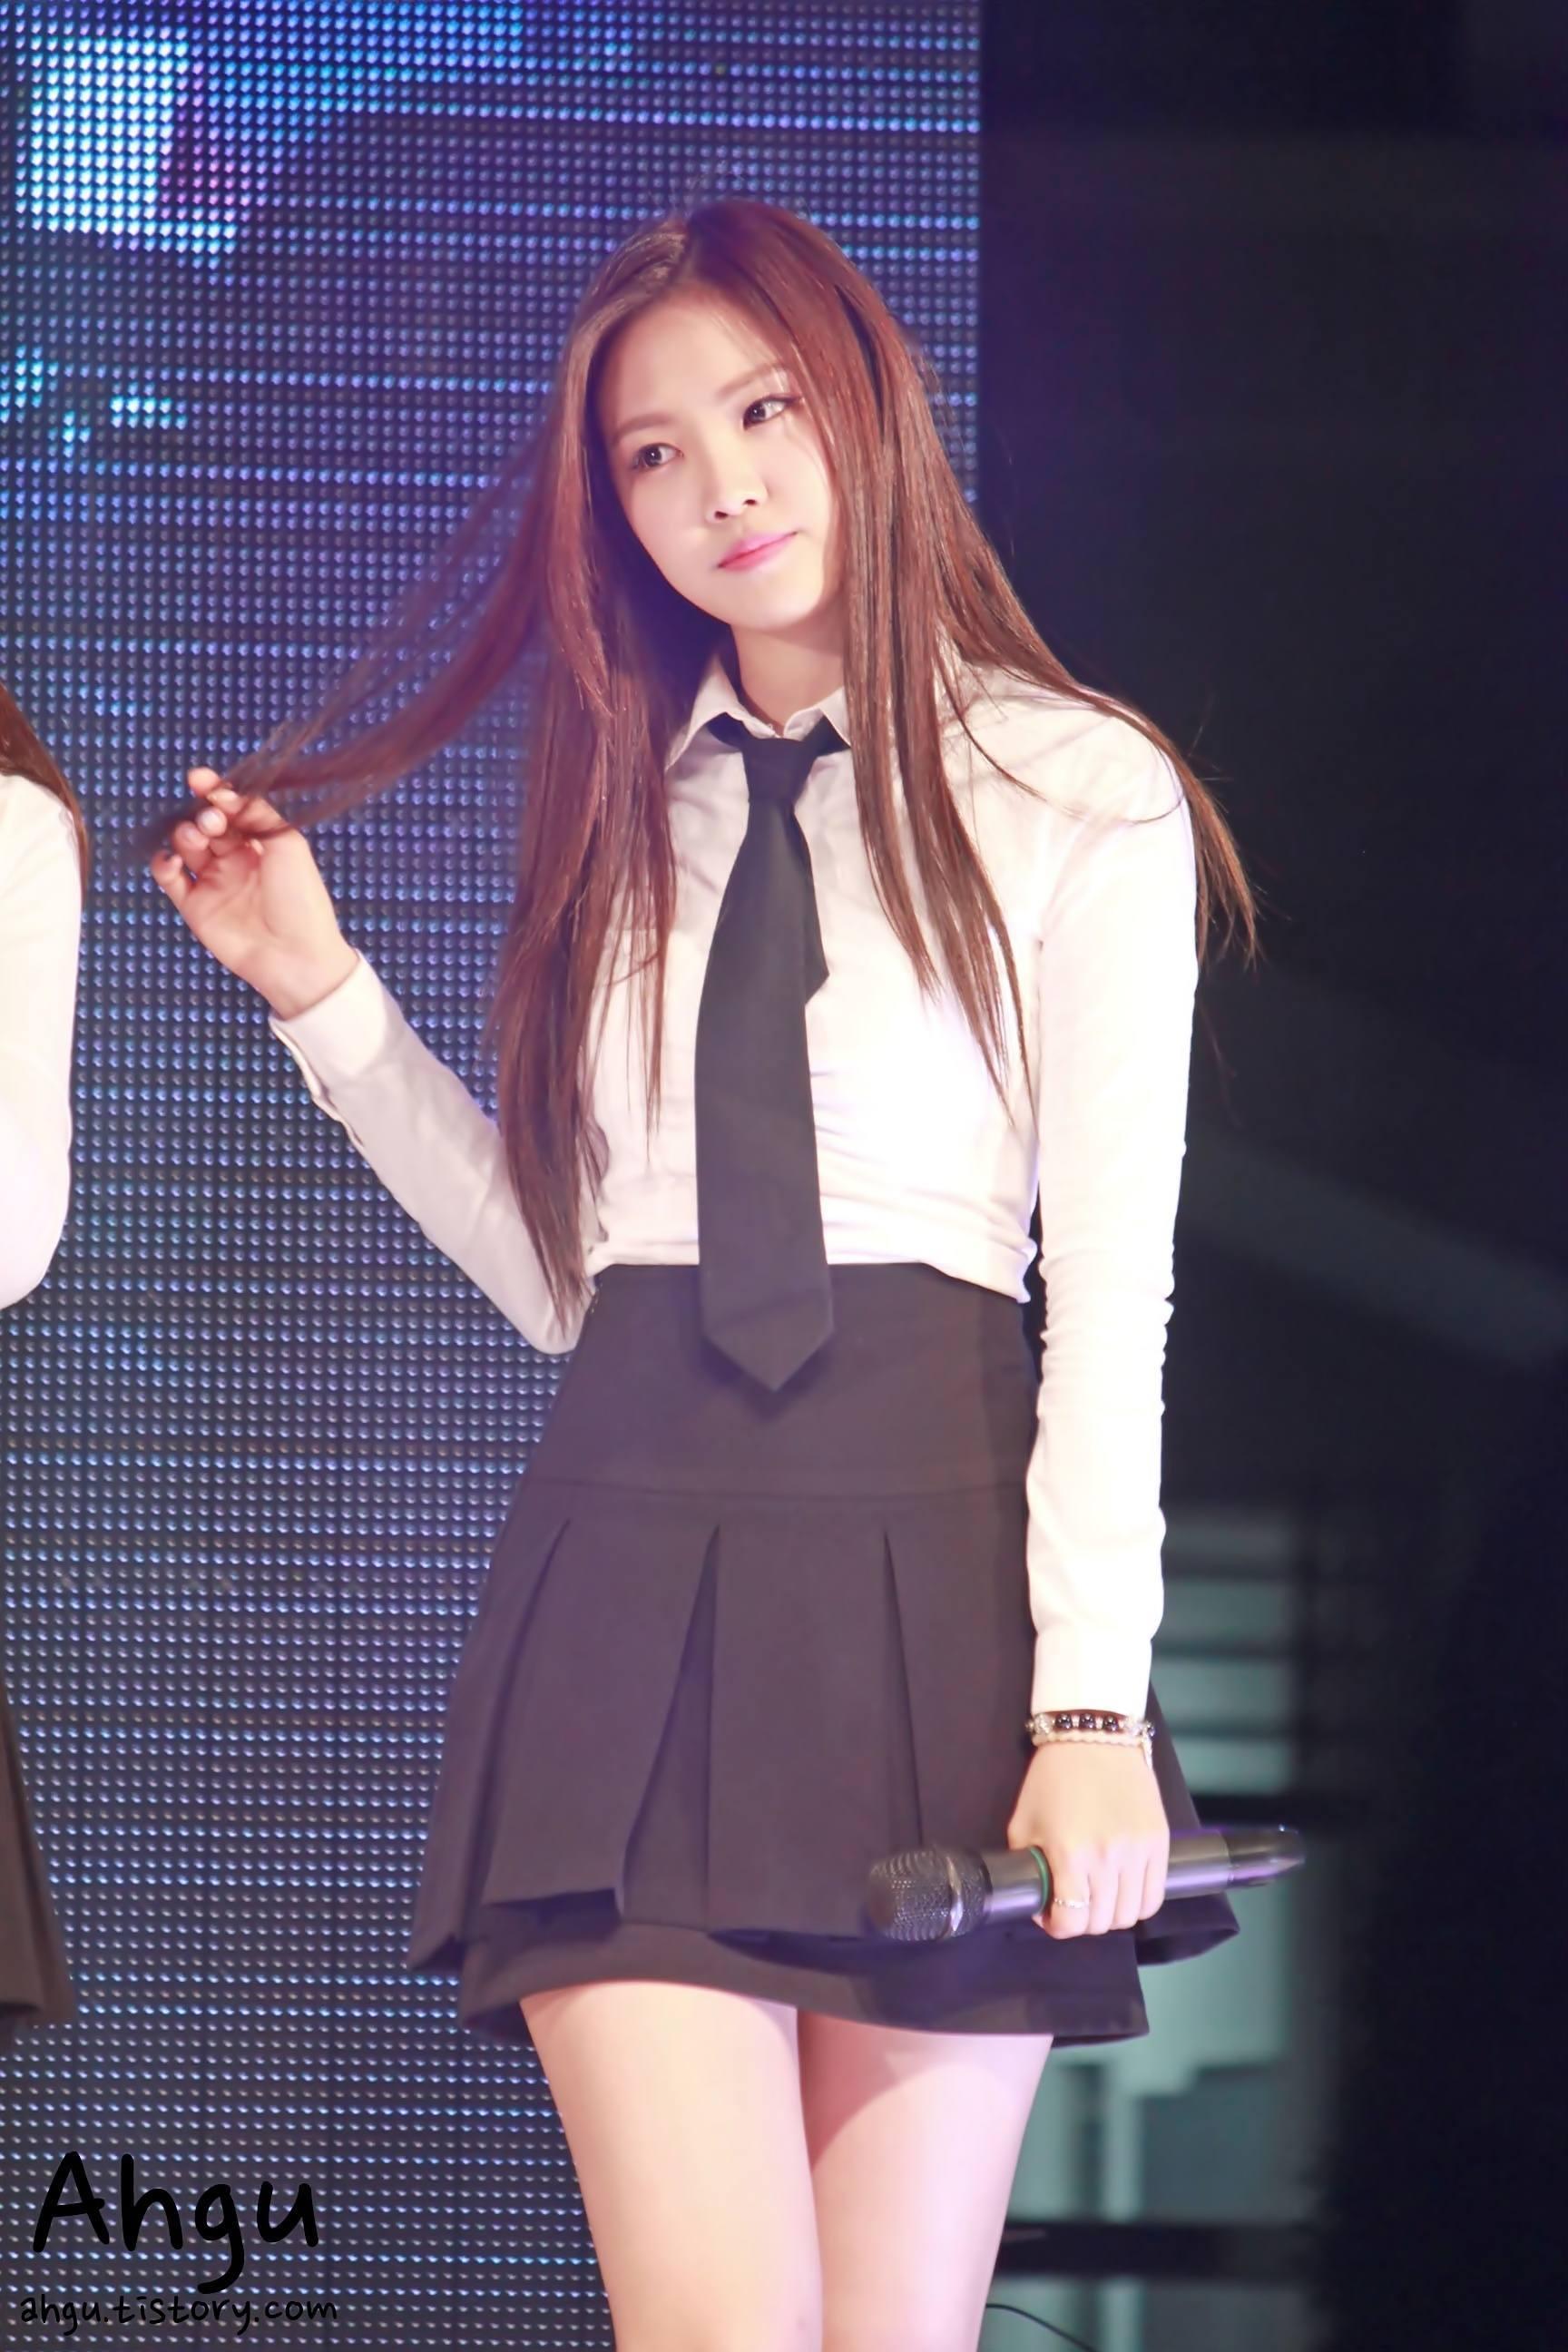 Korean kpop bambino wearing no panties slow motion 6